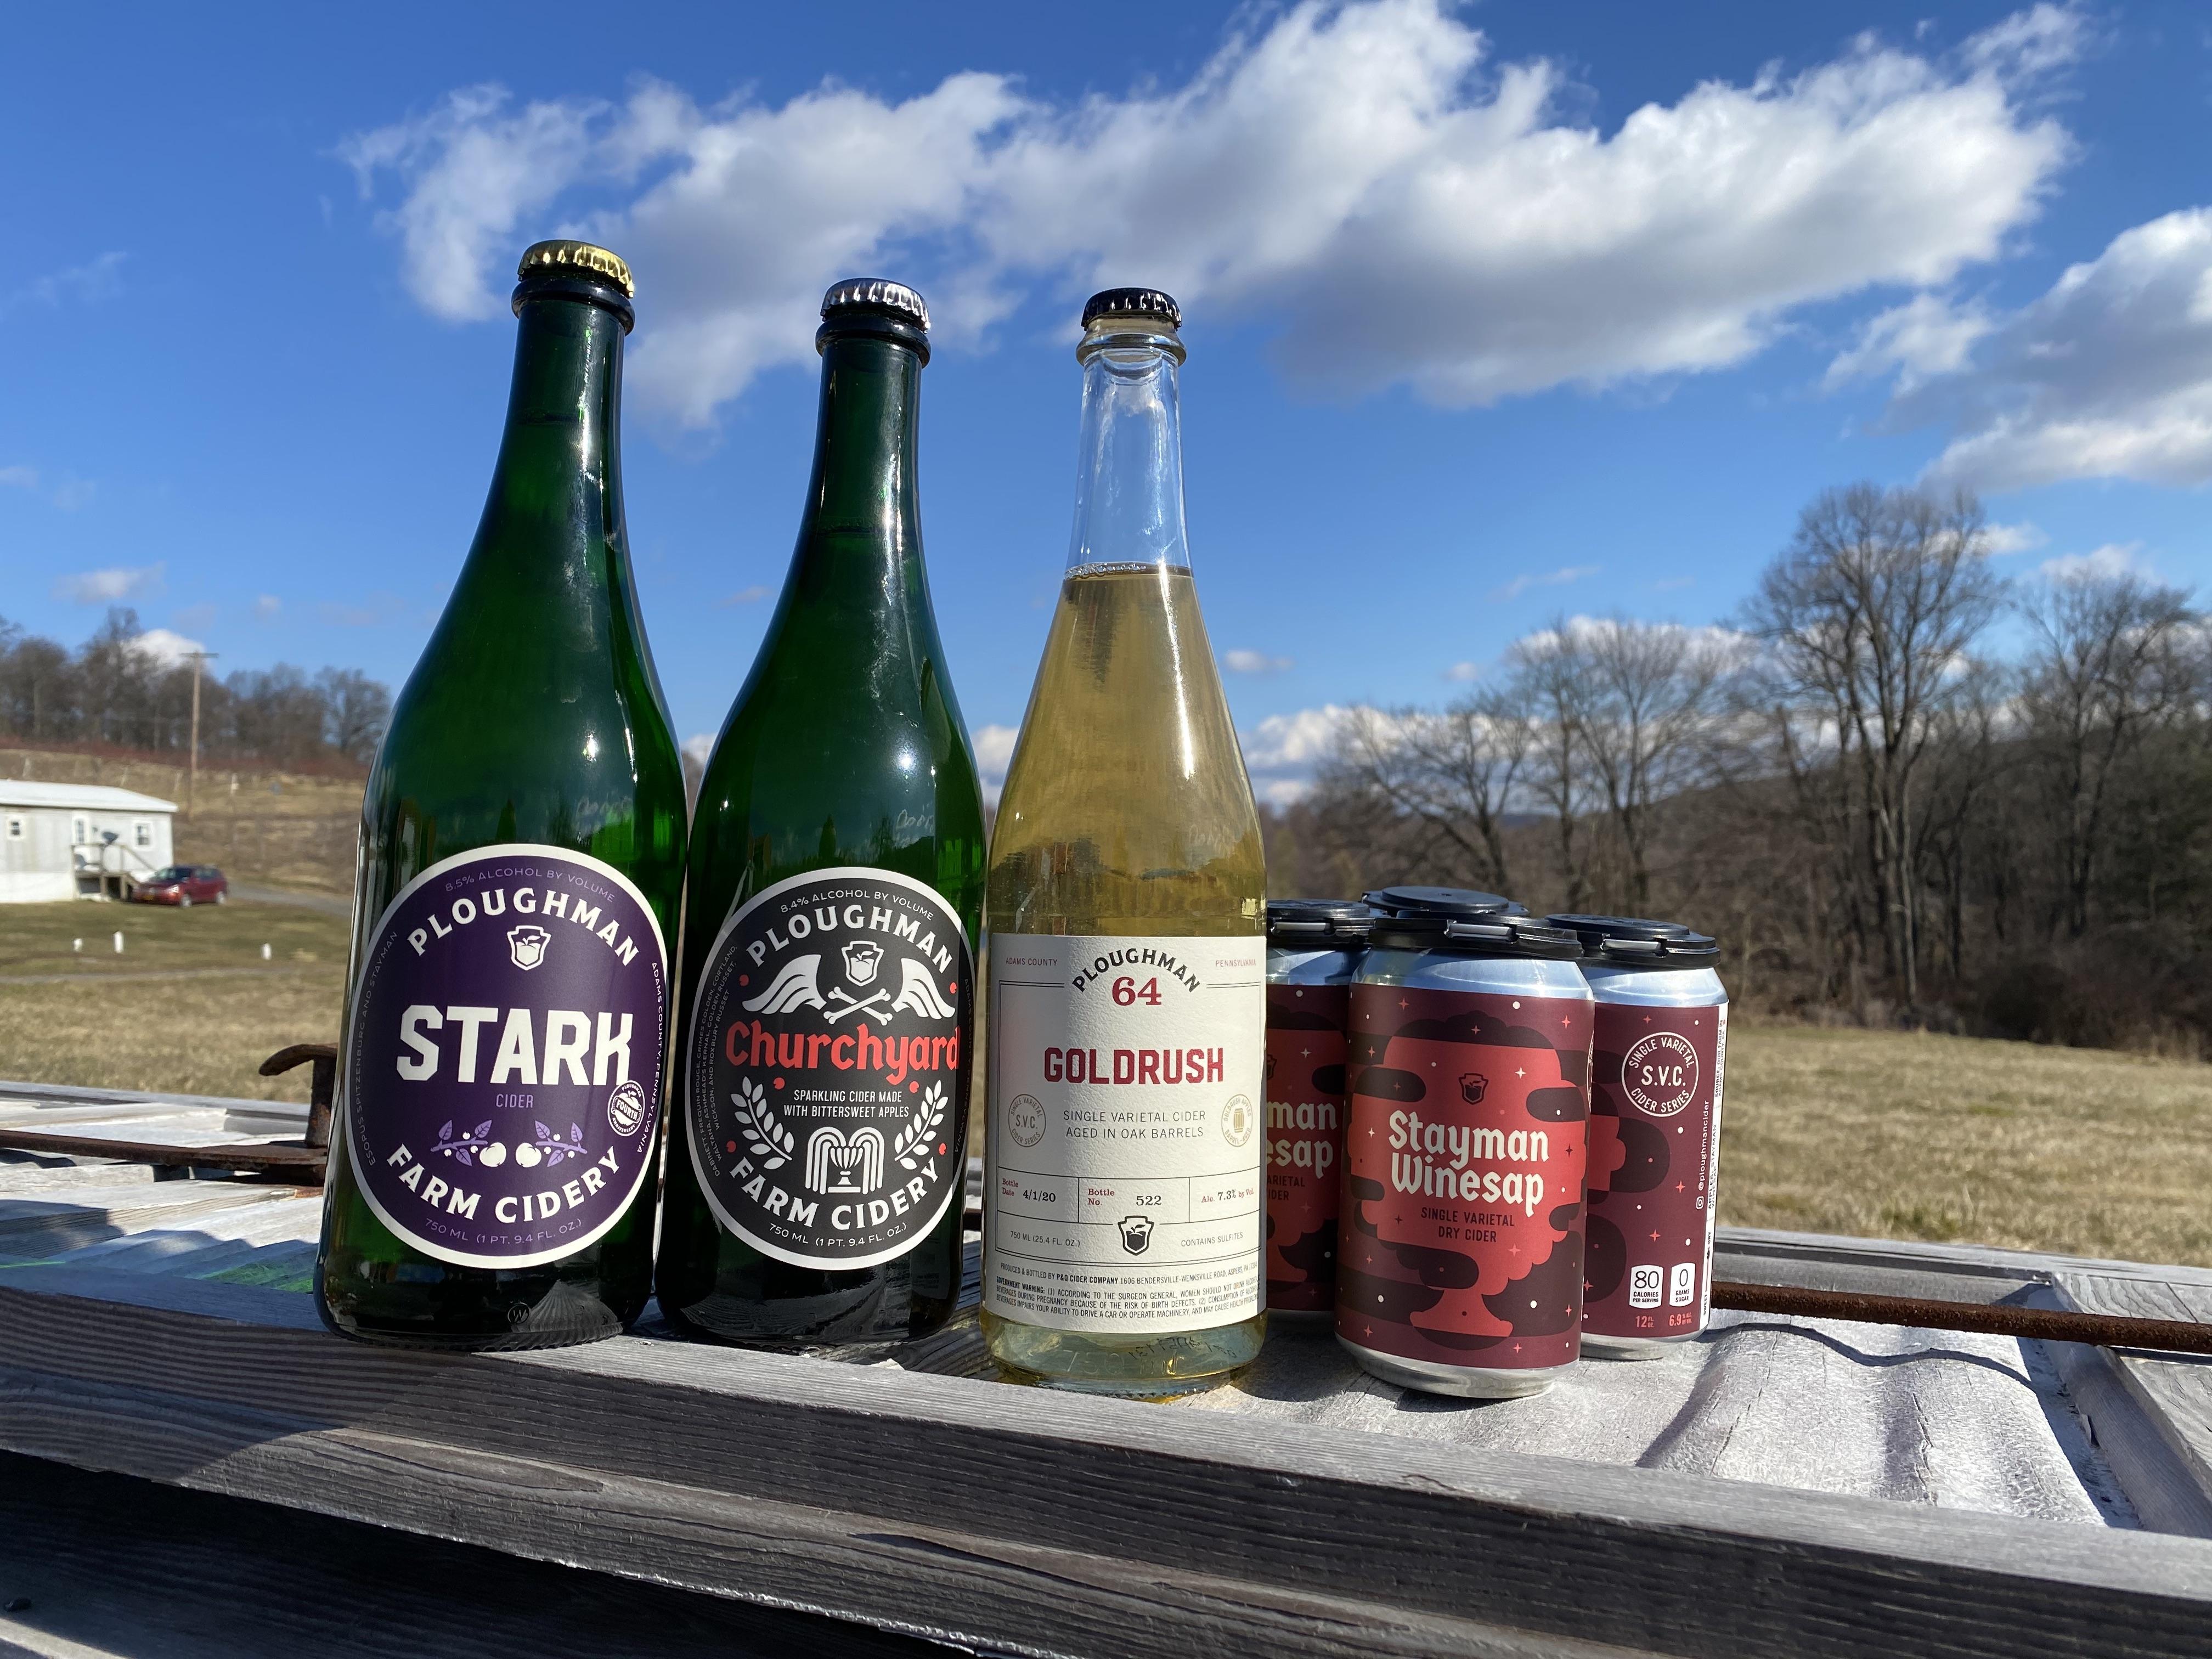 Medium Cider Share